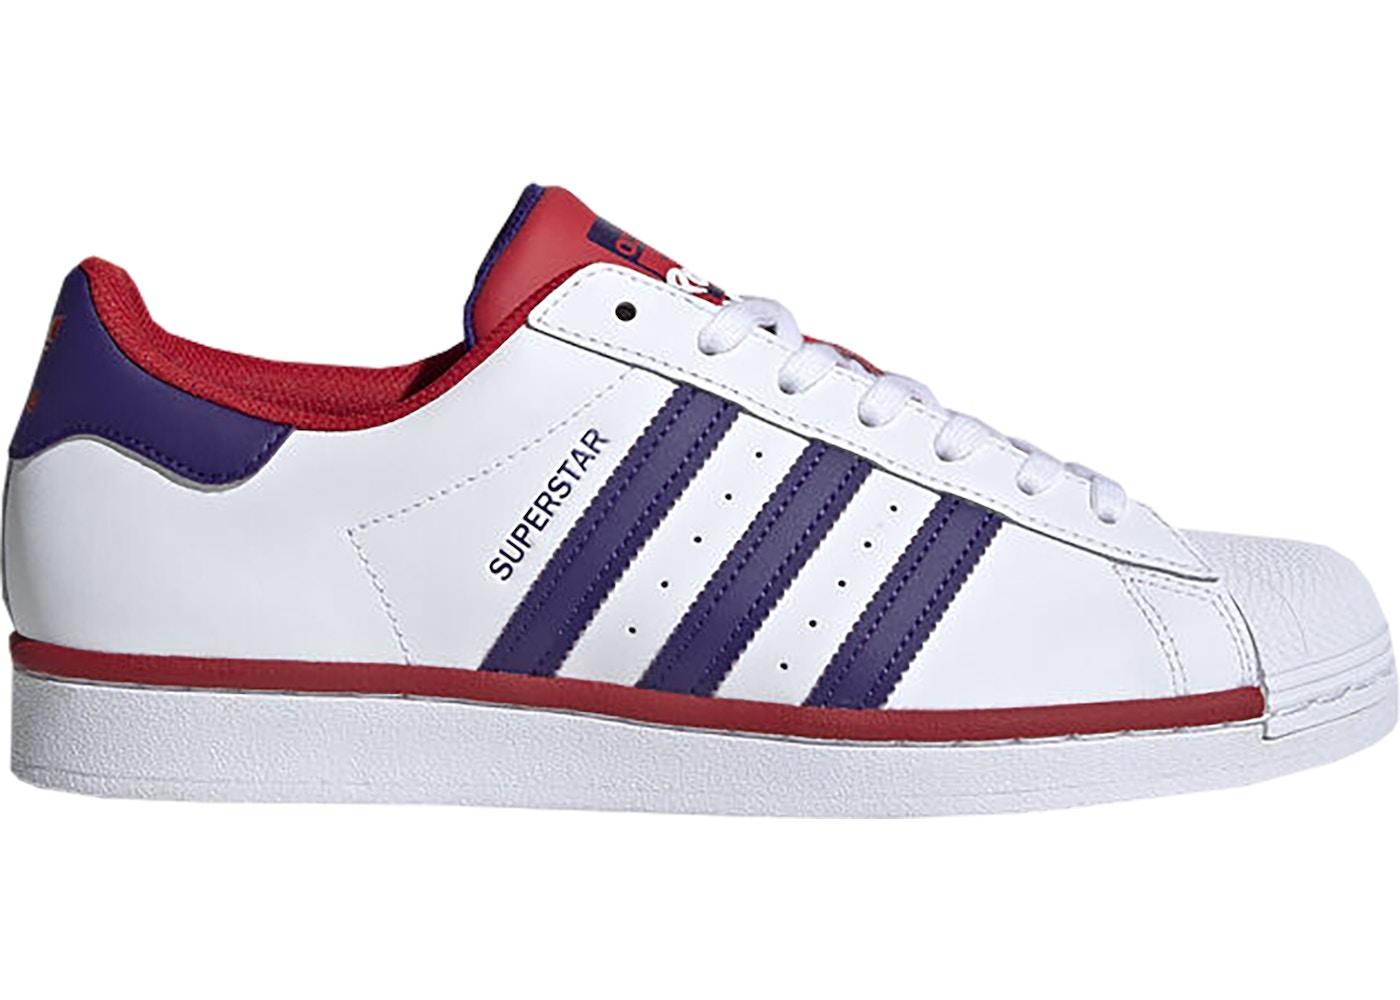 adidas Superstar White Purple Scarlet